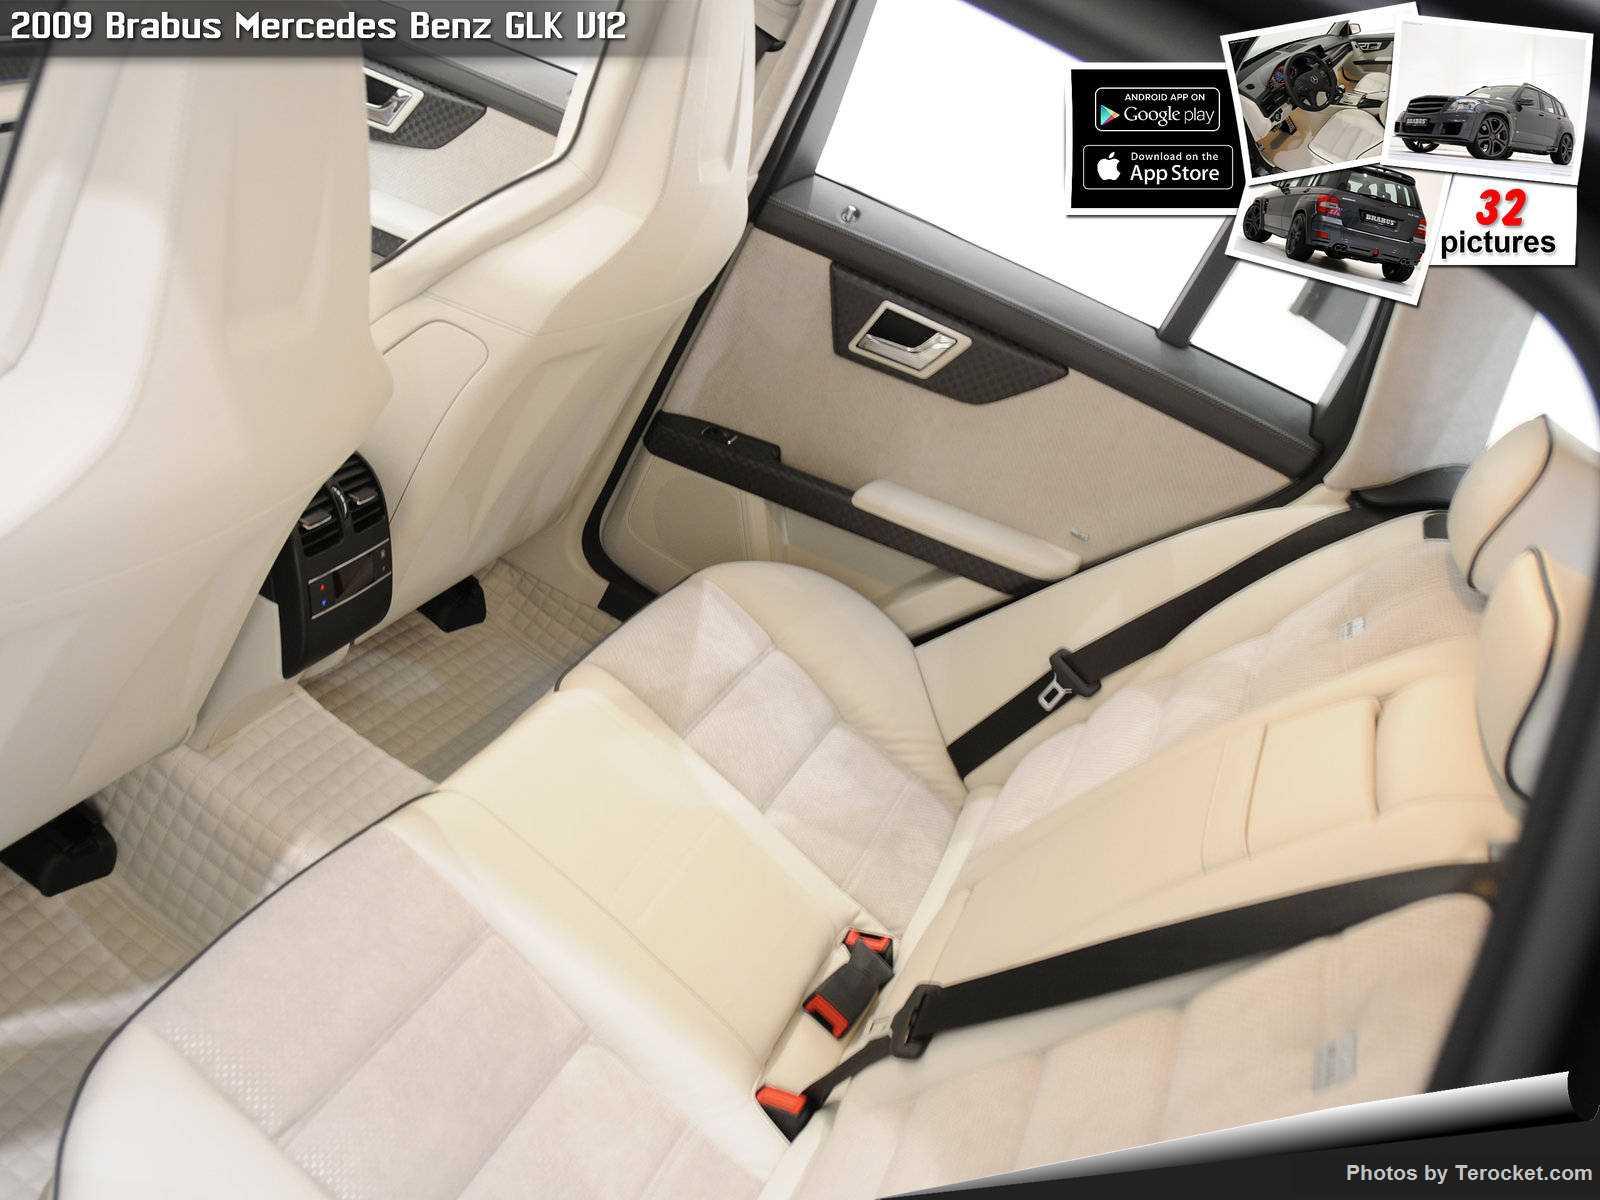 Hình ảnh xe ô tô Brabus Mercedes Benz GLK V12 2009 & nội ngoại thất